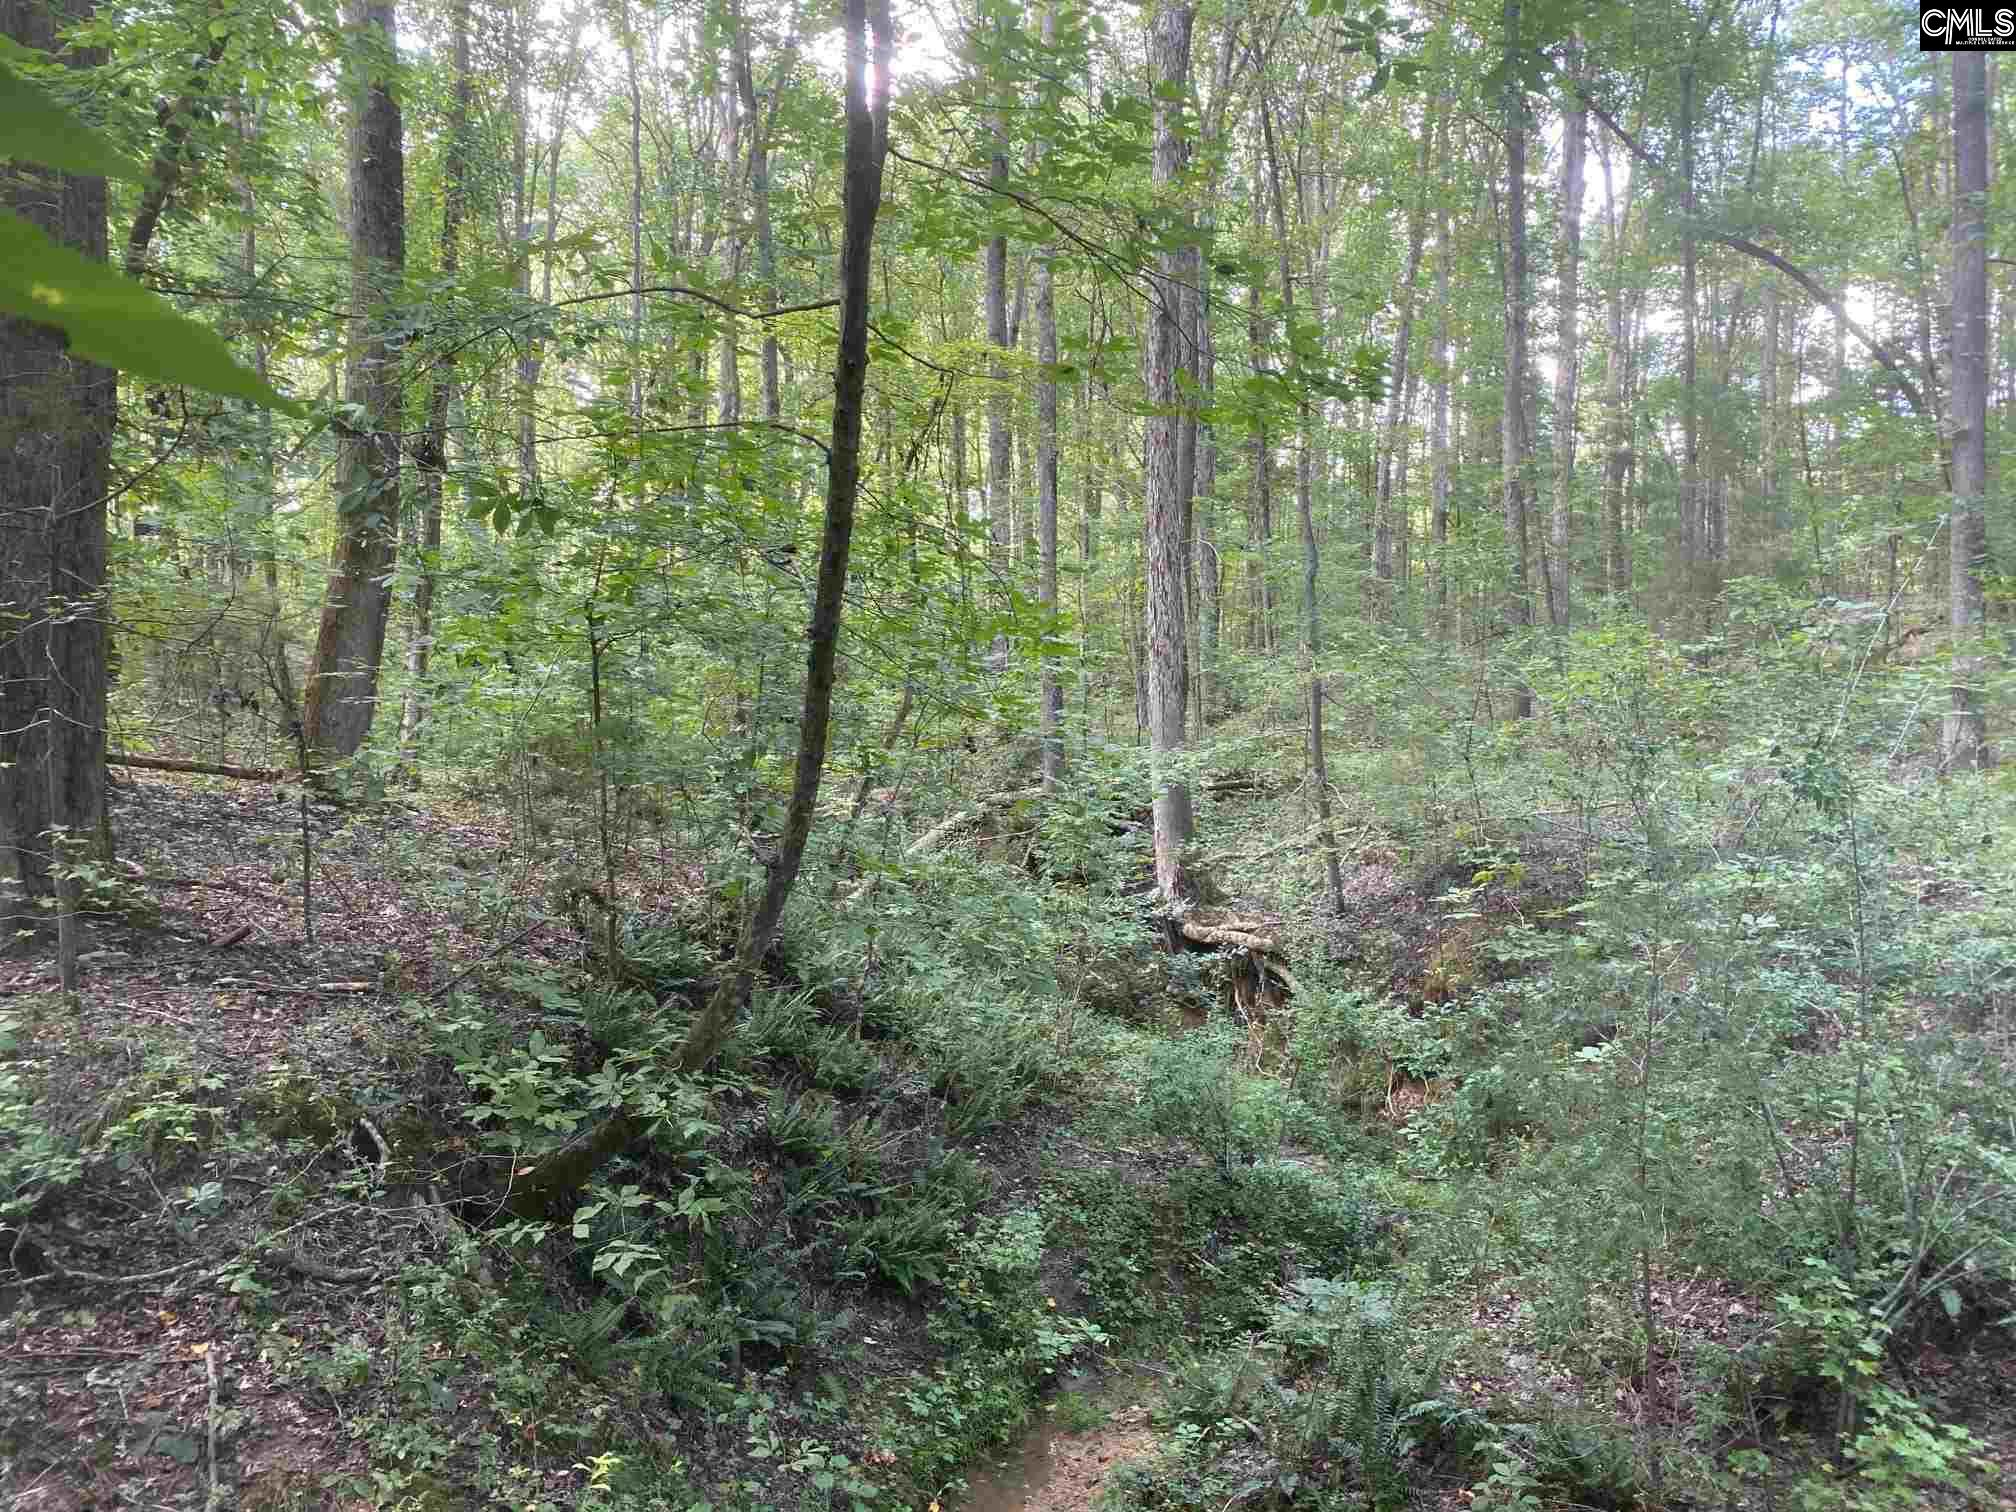 South Carolina Highway 34 Newberry, SC 29108